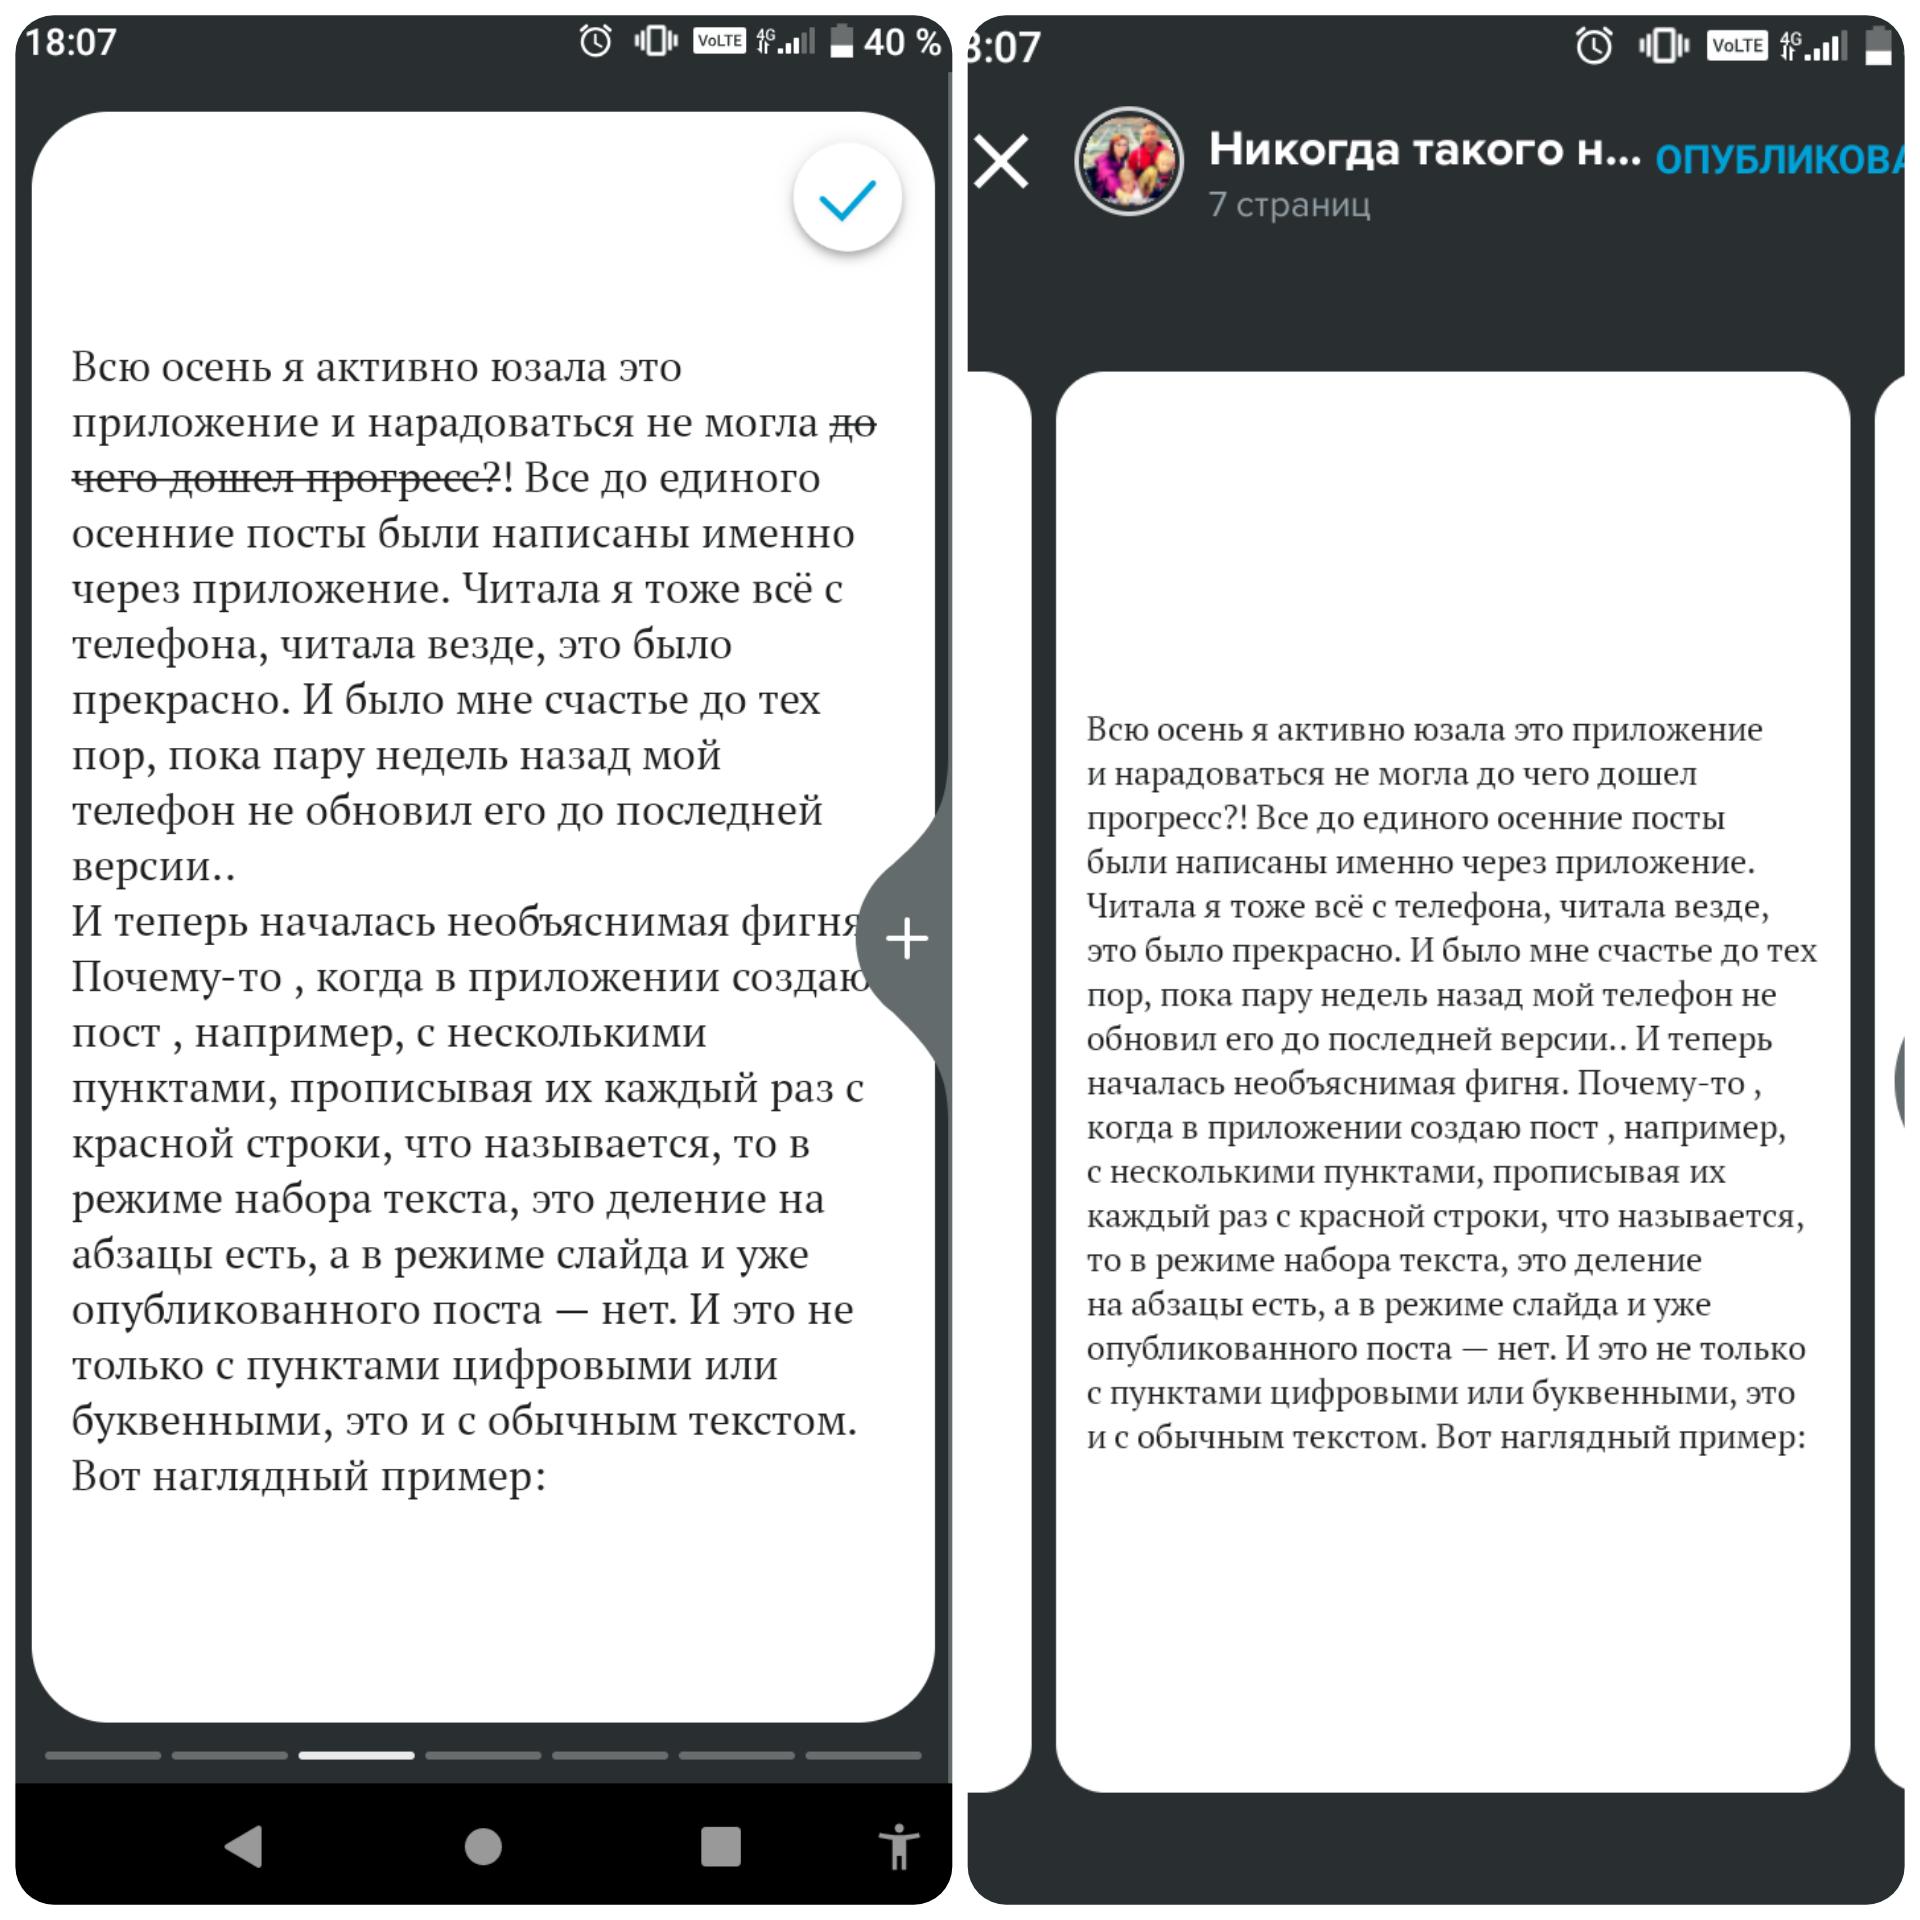 Слева - режим набора текста. Абзацы есть. Справа режим слайда, готового к публикации. Абзацев нет(